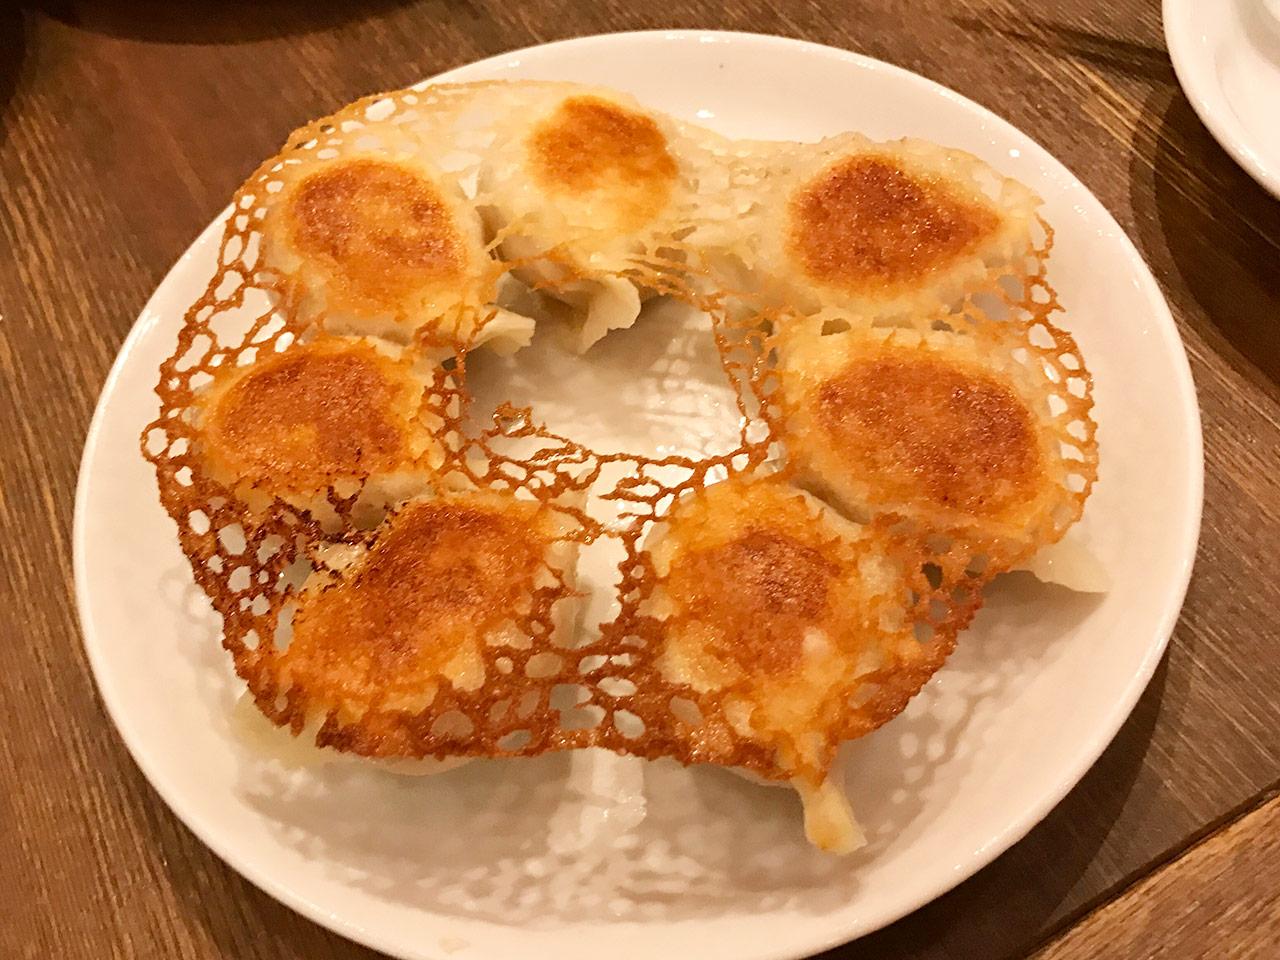 麻布十番「ダリアン」の大連焼き餃子